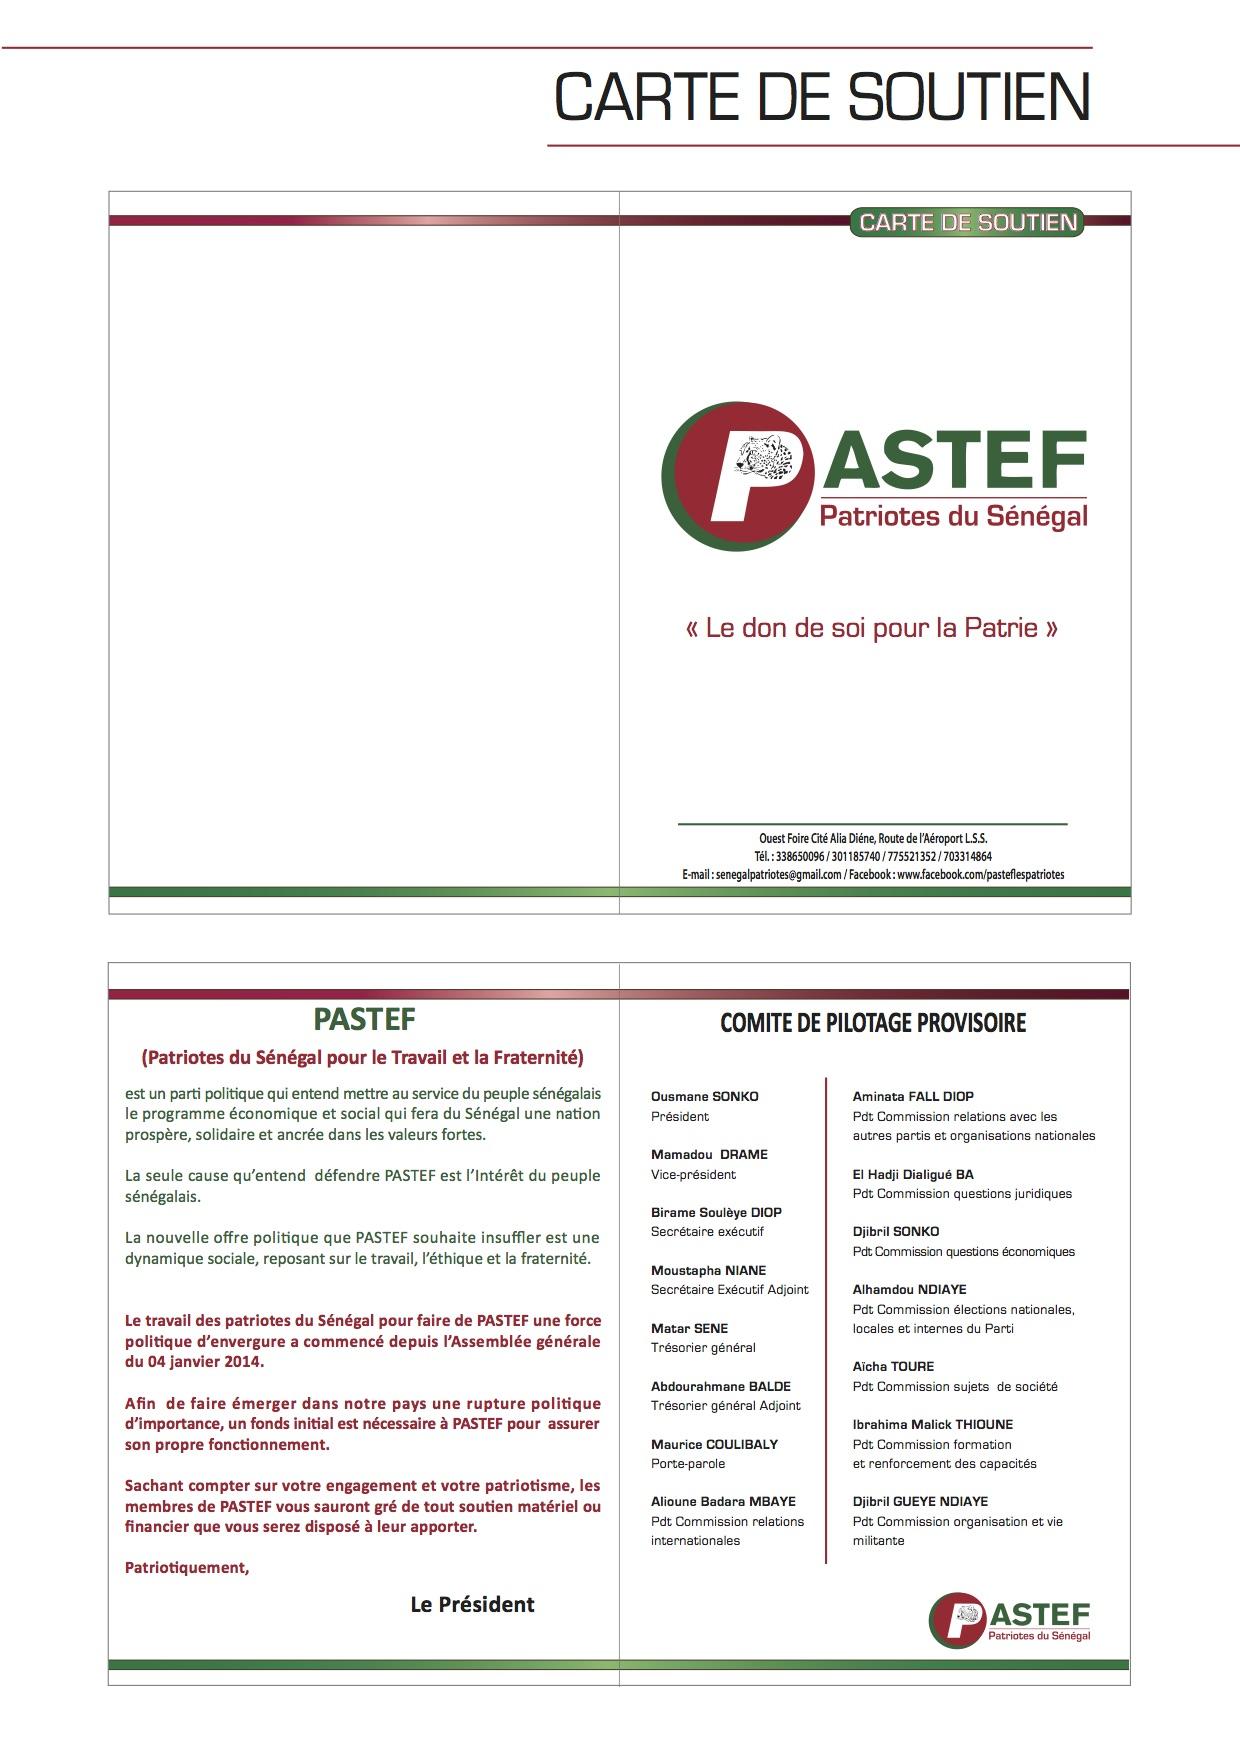 Ces 'anti-systèmes' au cœur du système de Macky Sall, l'Etat promeut 4 membres du bureau de Pastef  ( Documents )